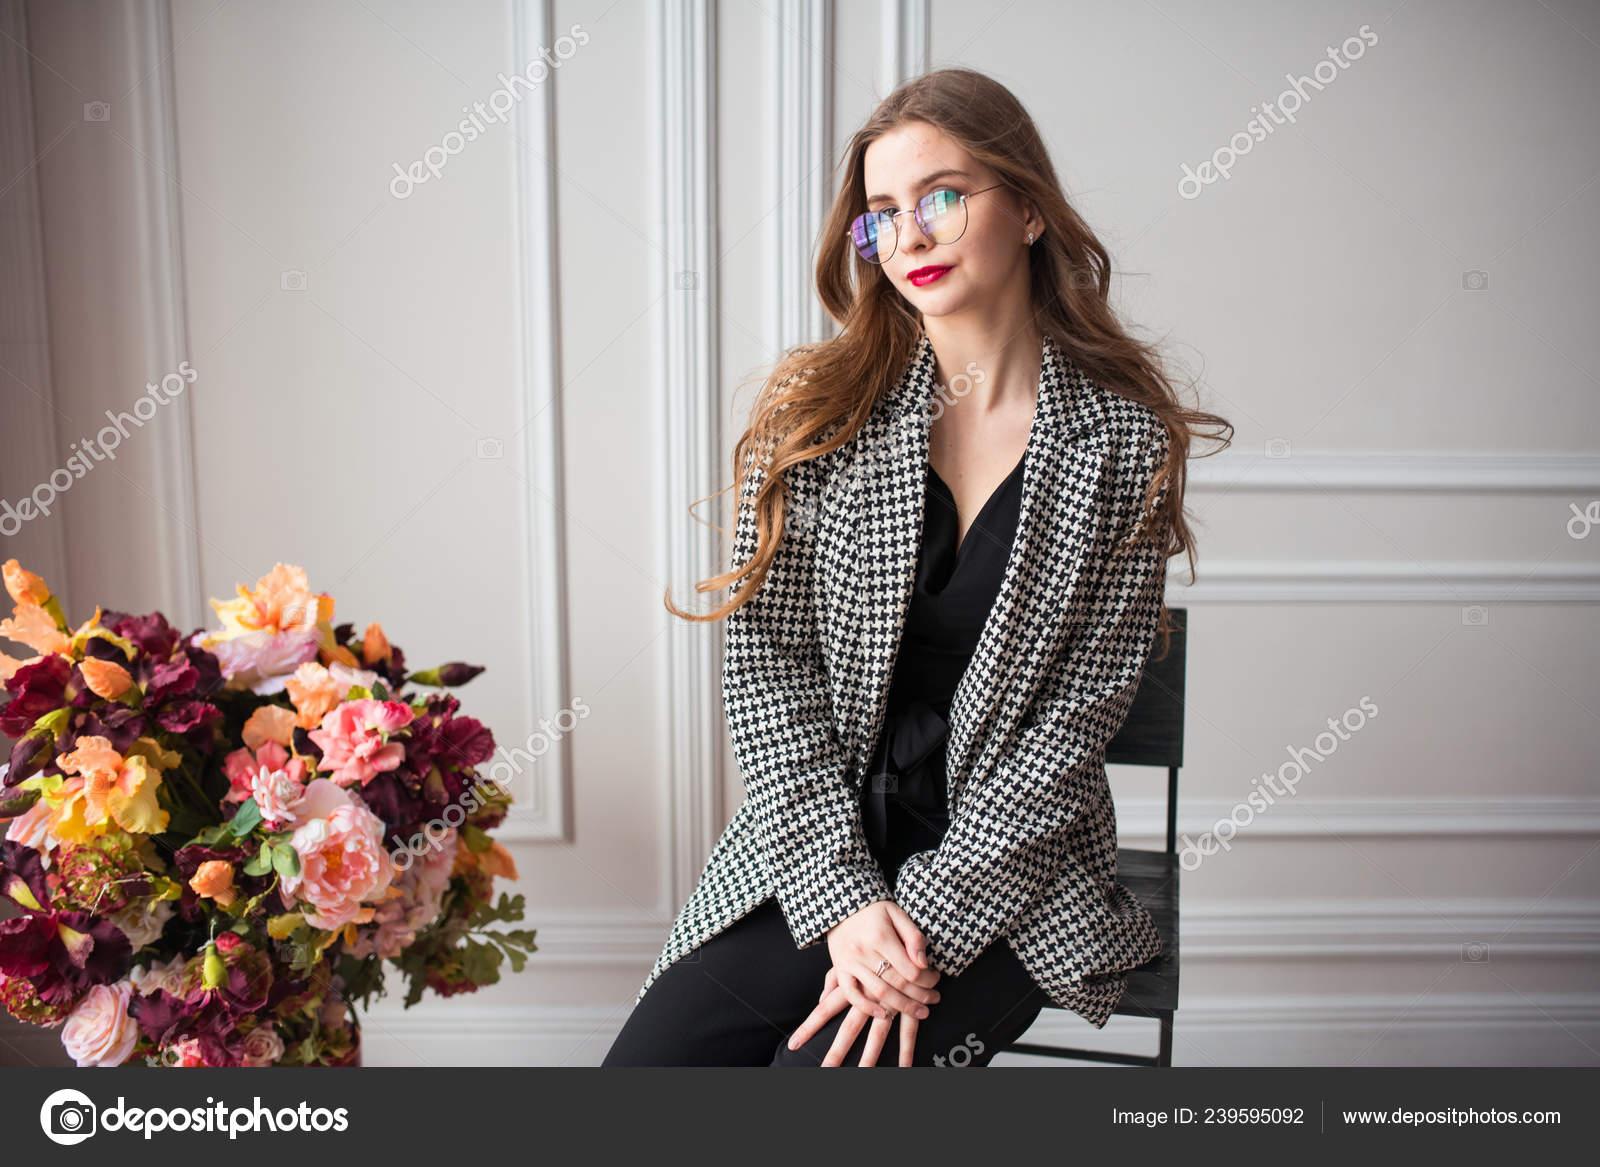 Modelo Moda Joven Hermosa Vestido Negro Blazer Elegante